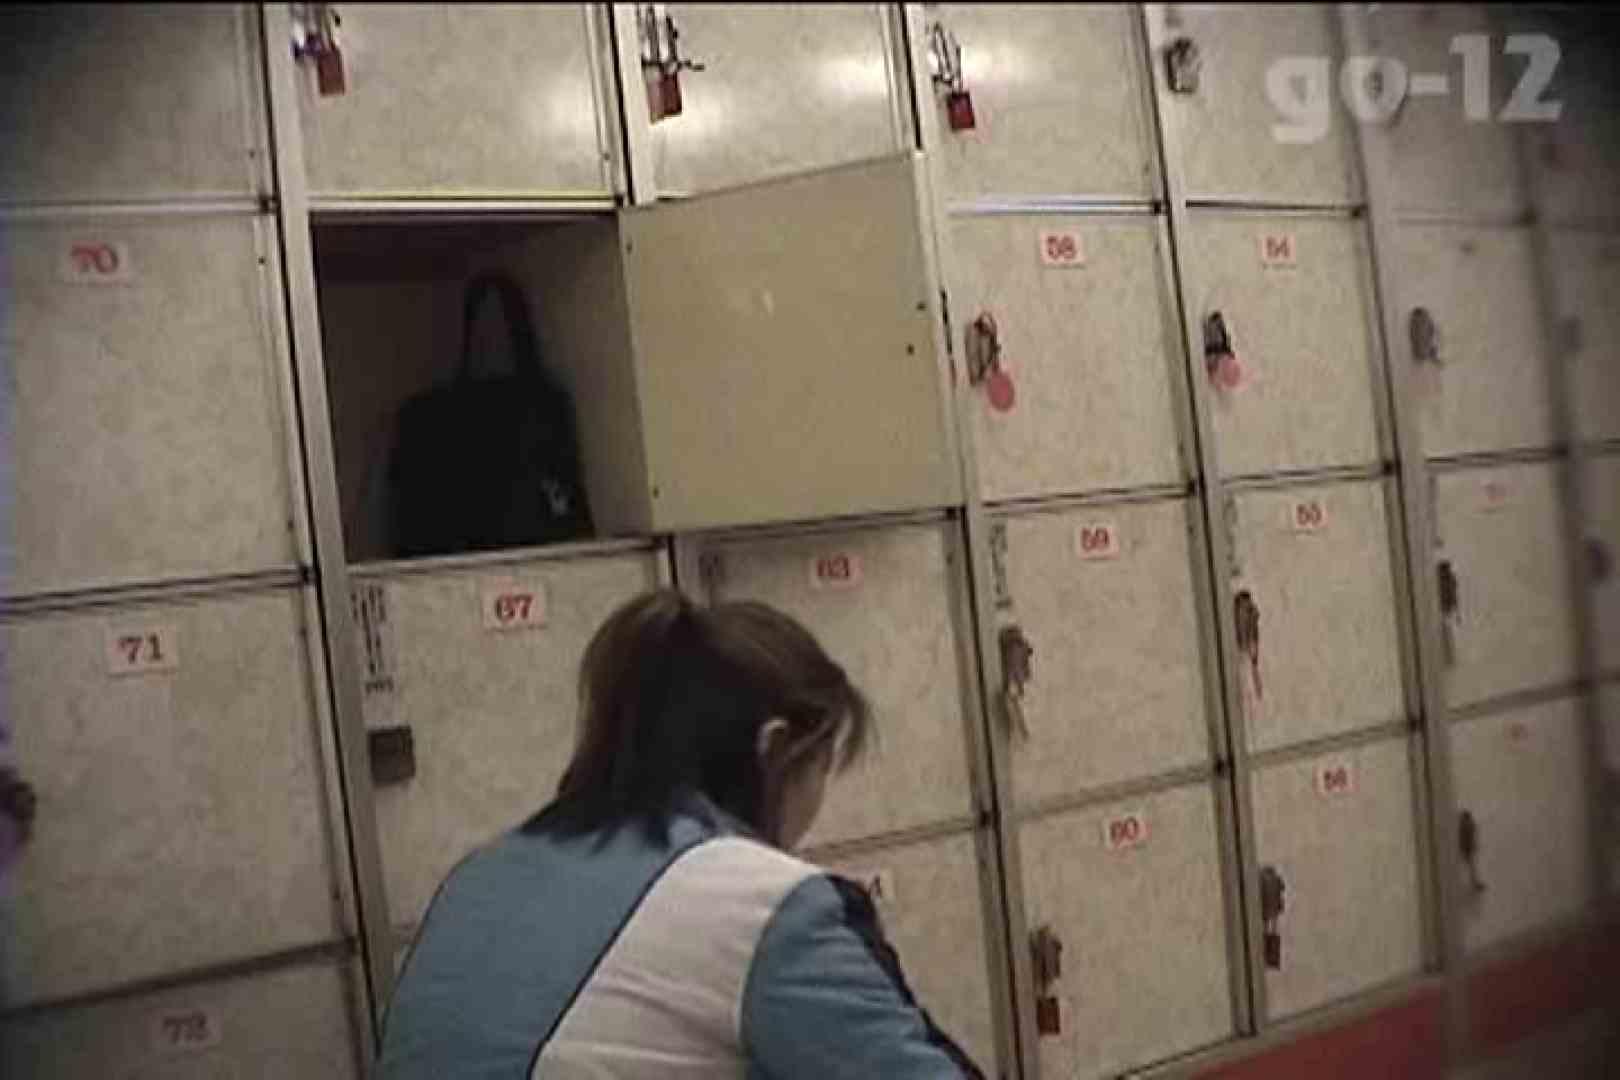 電波カメラ設置浴場からの防HAN映像 Vol.12 お姉さん攻略 われめAV動画紹介 49画像 39